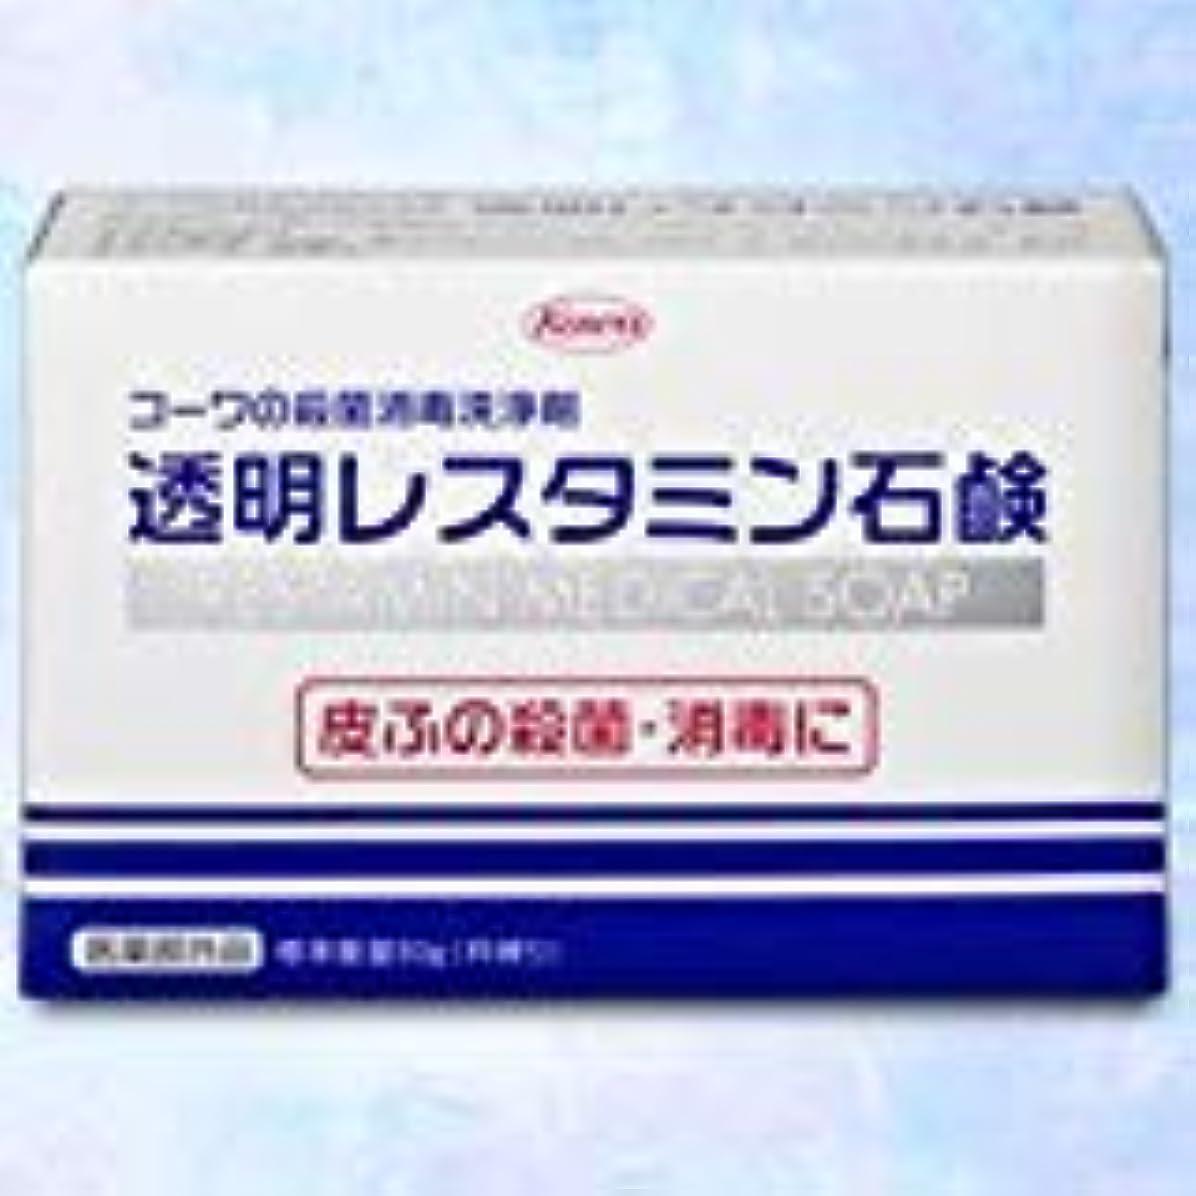 挽く強大なハント【興和】コーワの殺菌消毒洗浄剤「透明レスタミン石鹸」80g(医薬部外品) ×3個セット